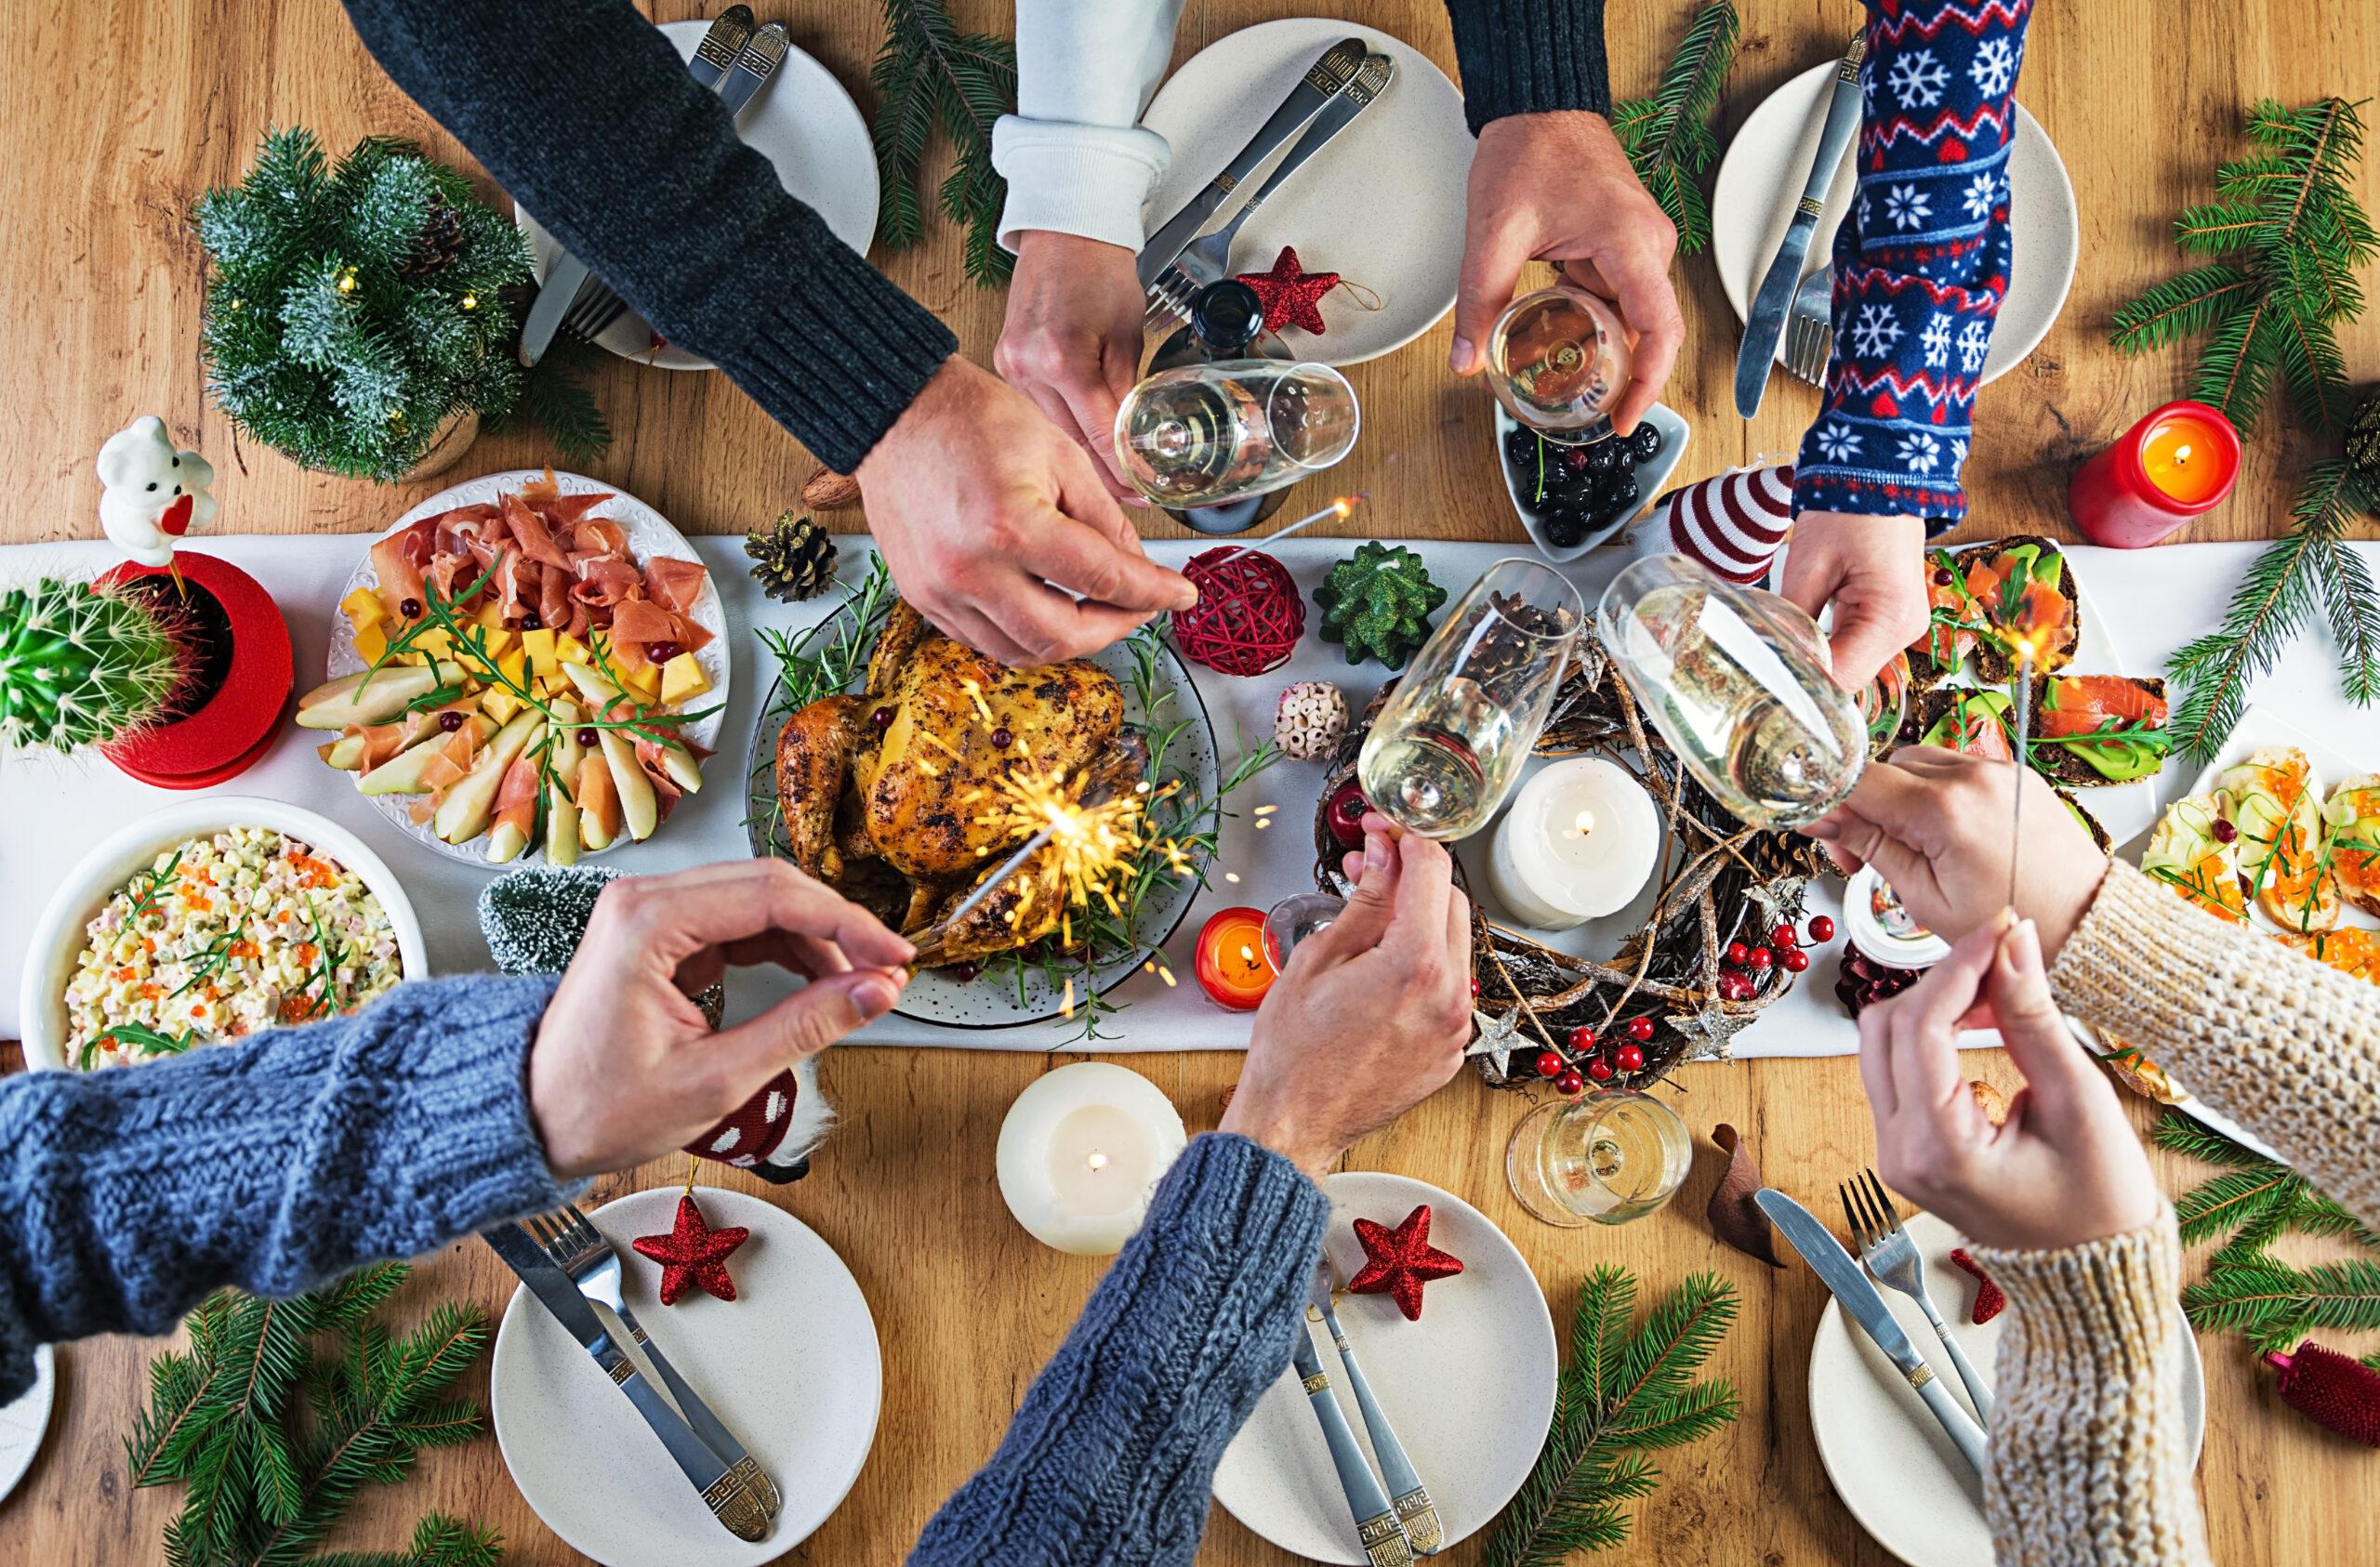 dieta e natale consigli nutrizionista